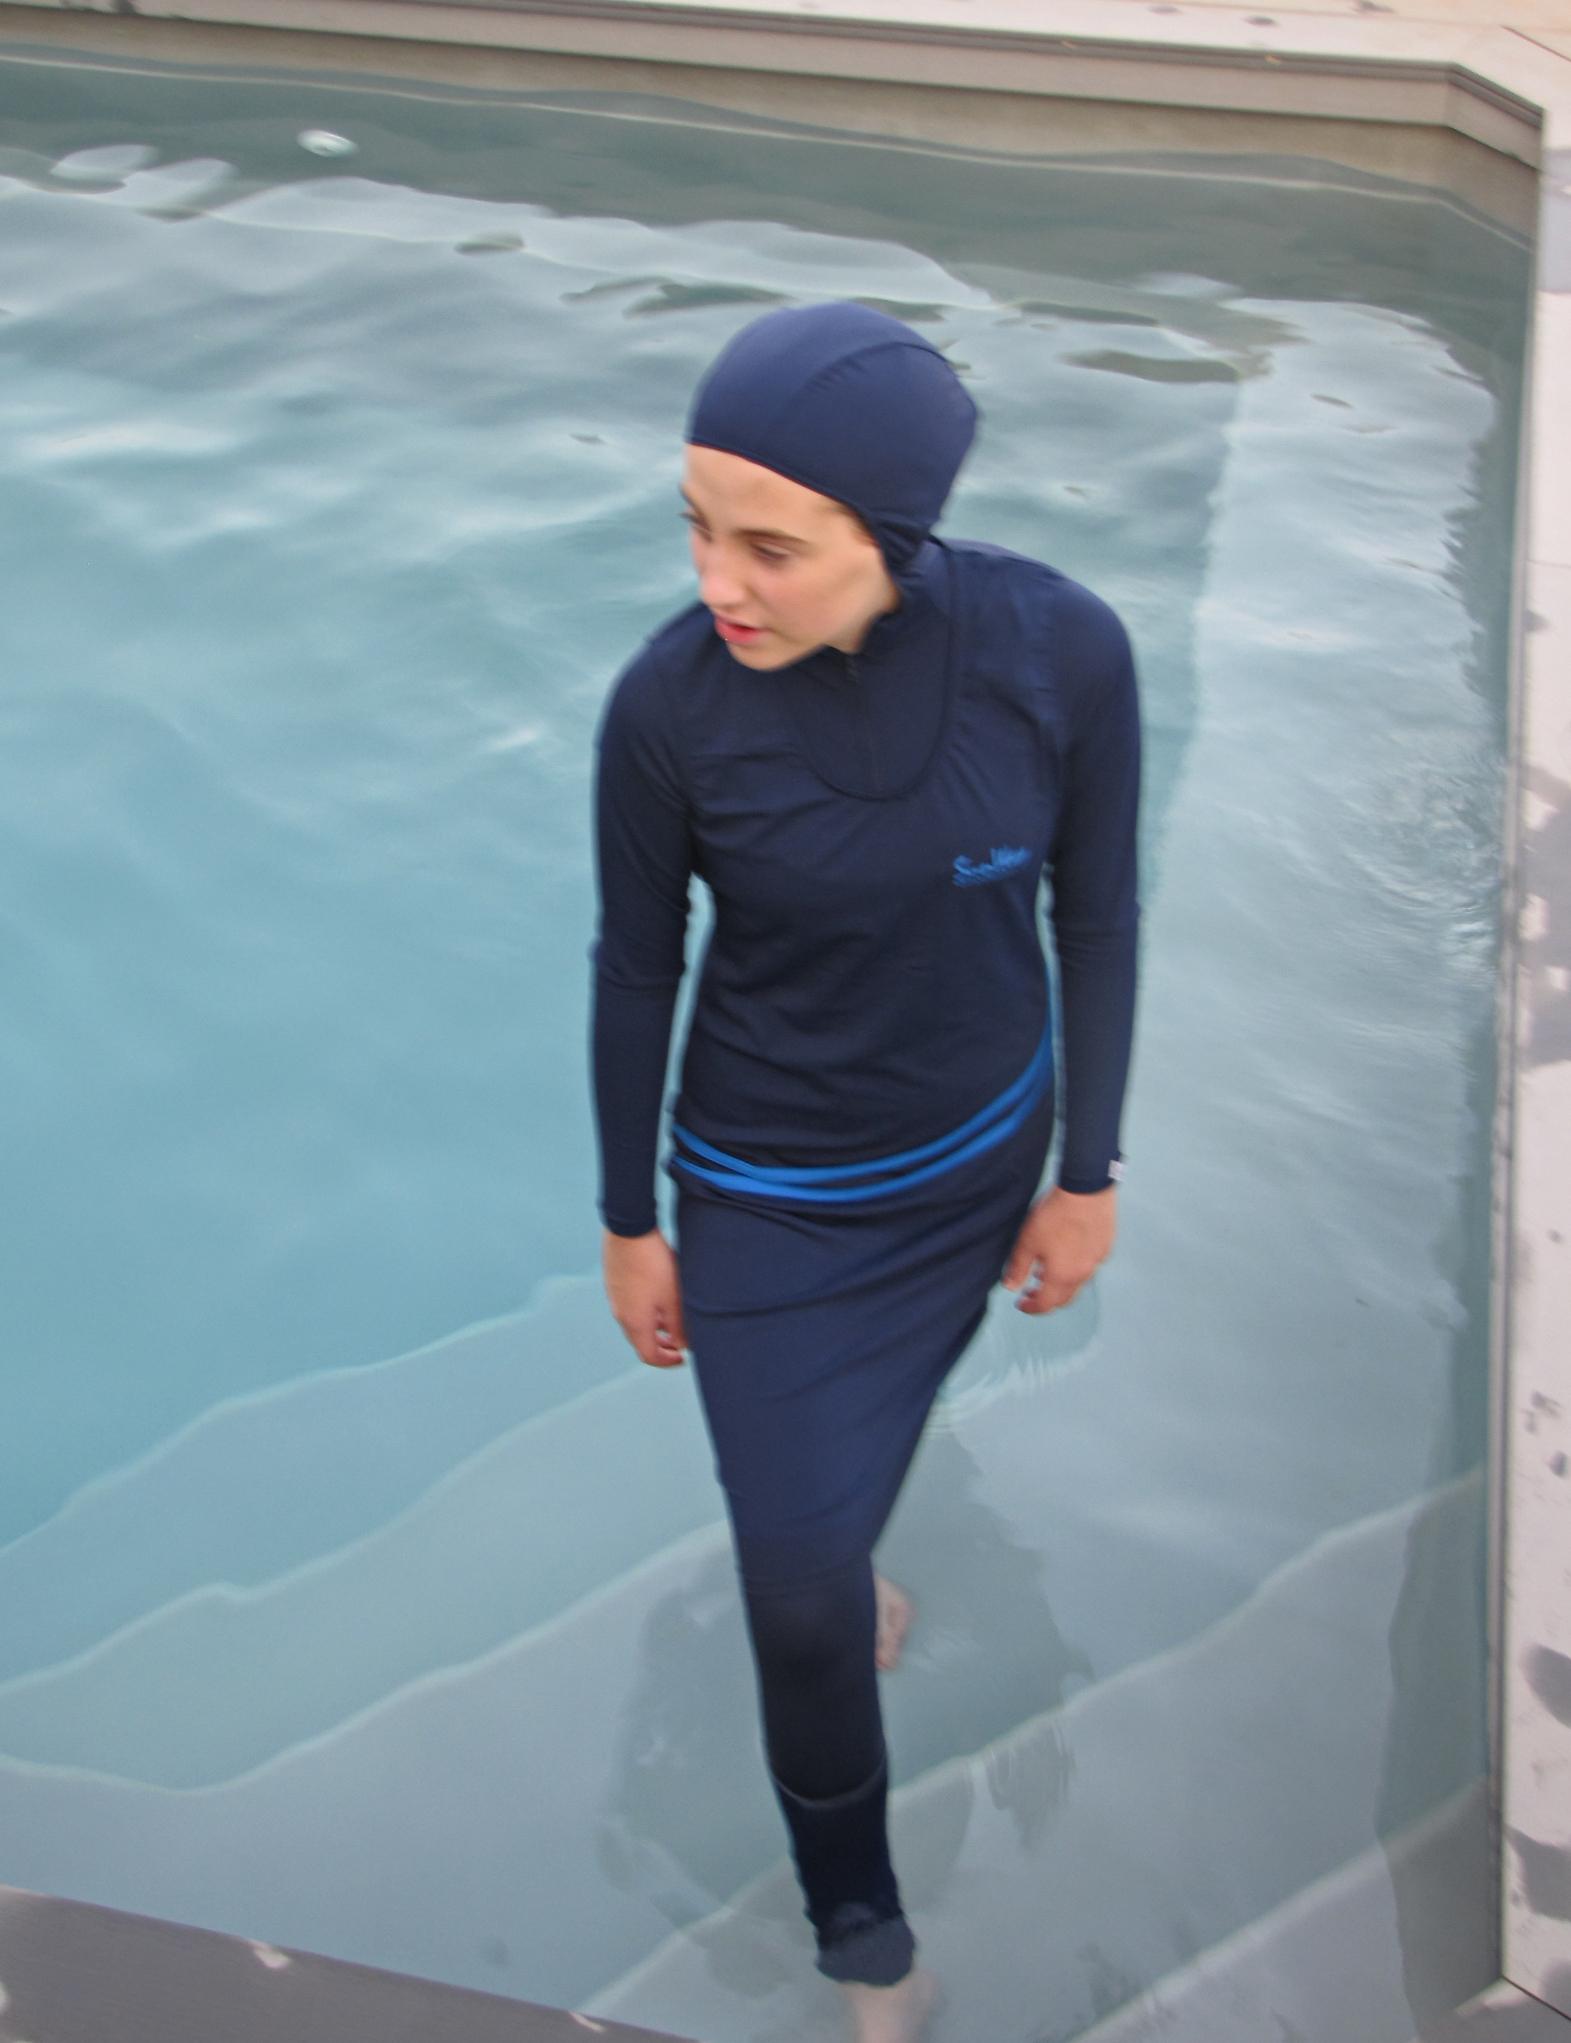 fa63e13e80 Women UV Clothing: Burkini Modest Swimwear A11